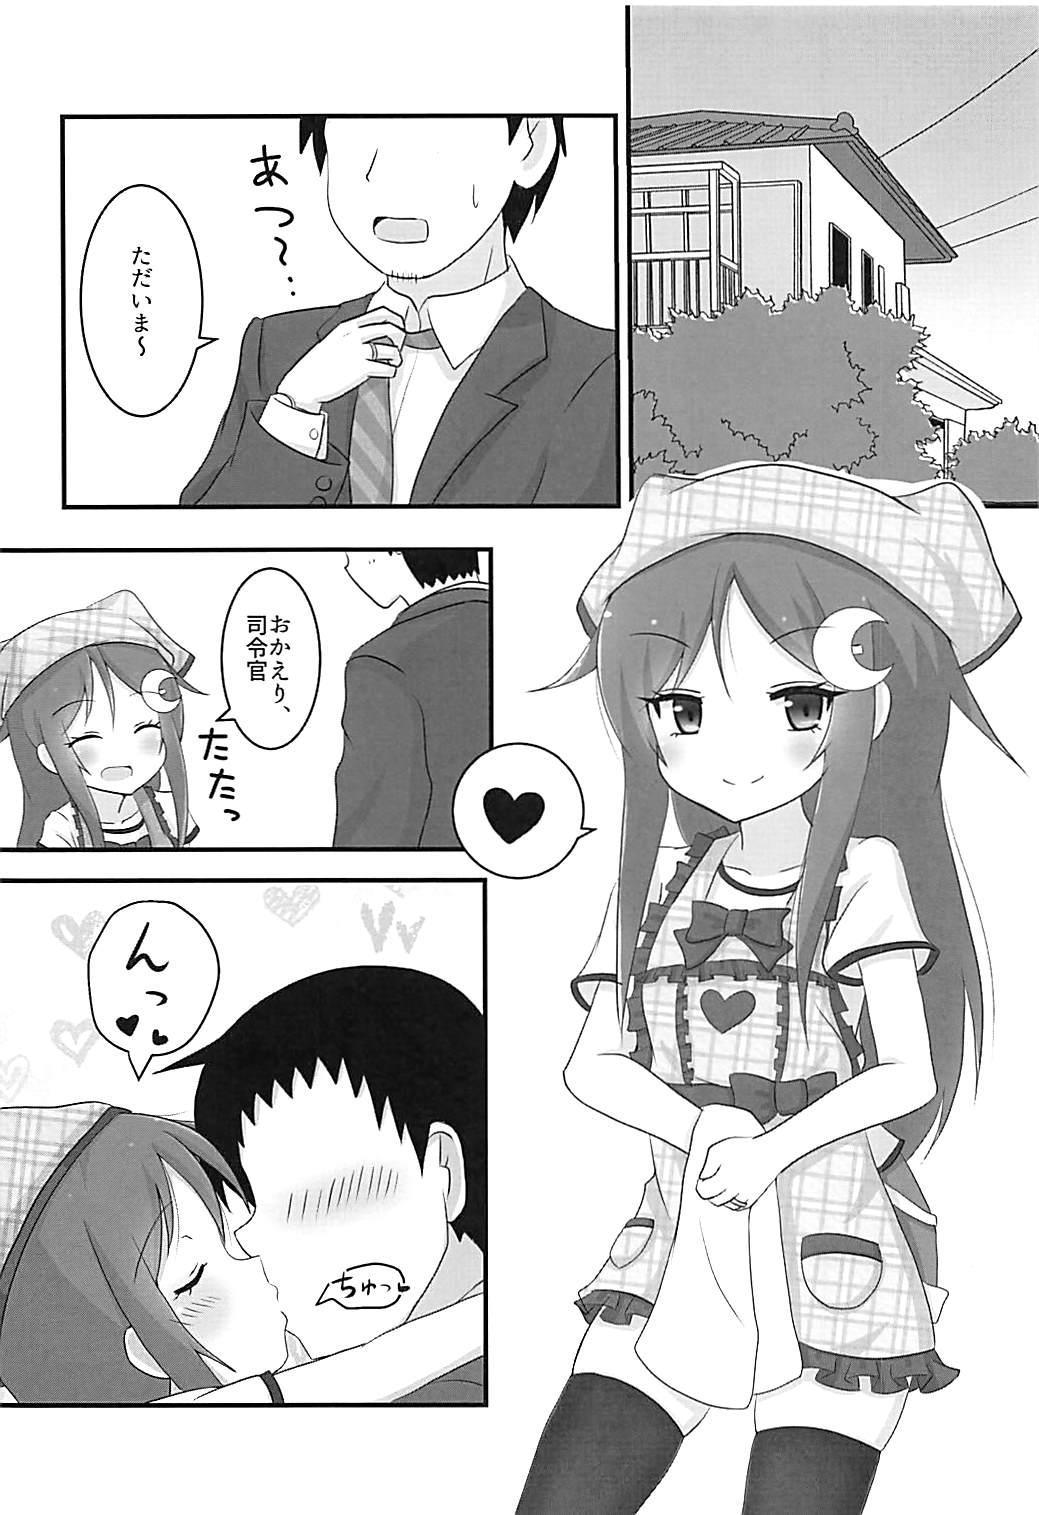 Nagatsuki-chan to Ecchi na Koto Suru Hon 2 2